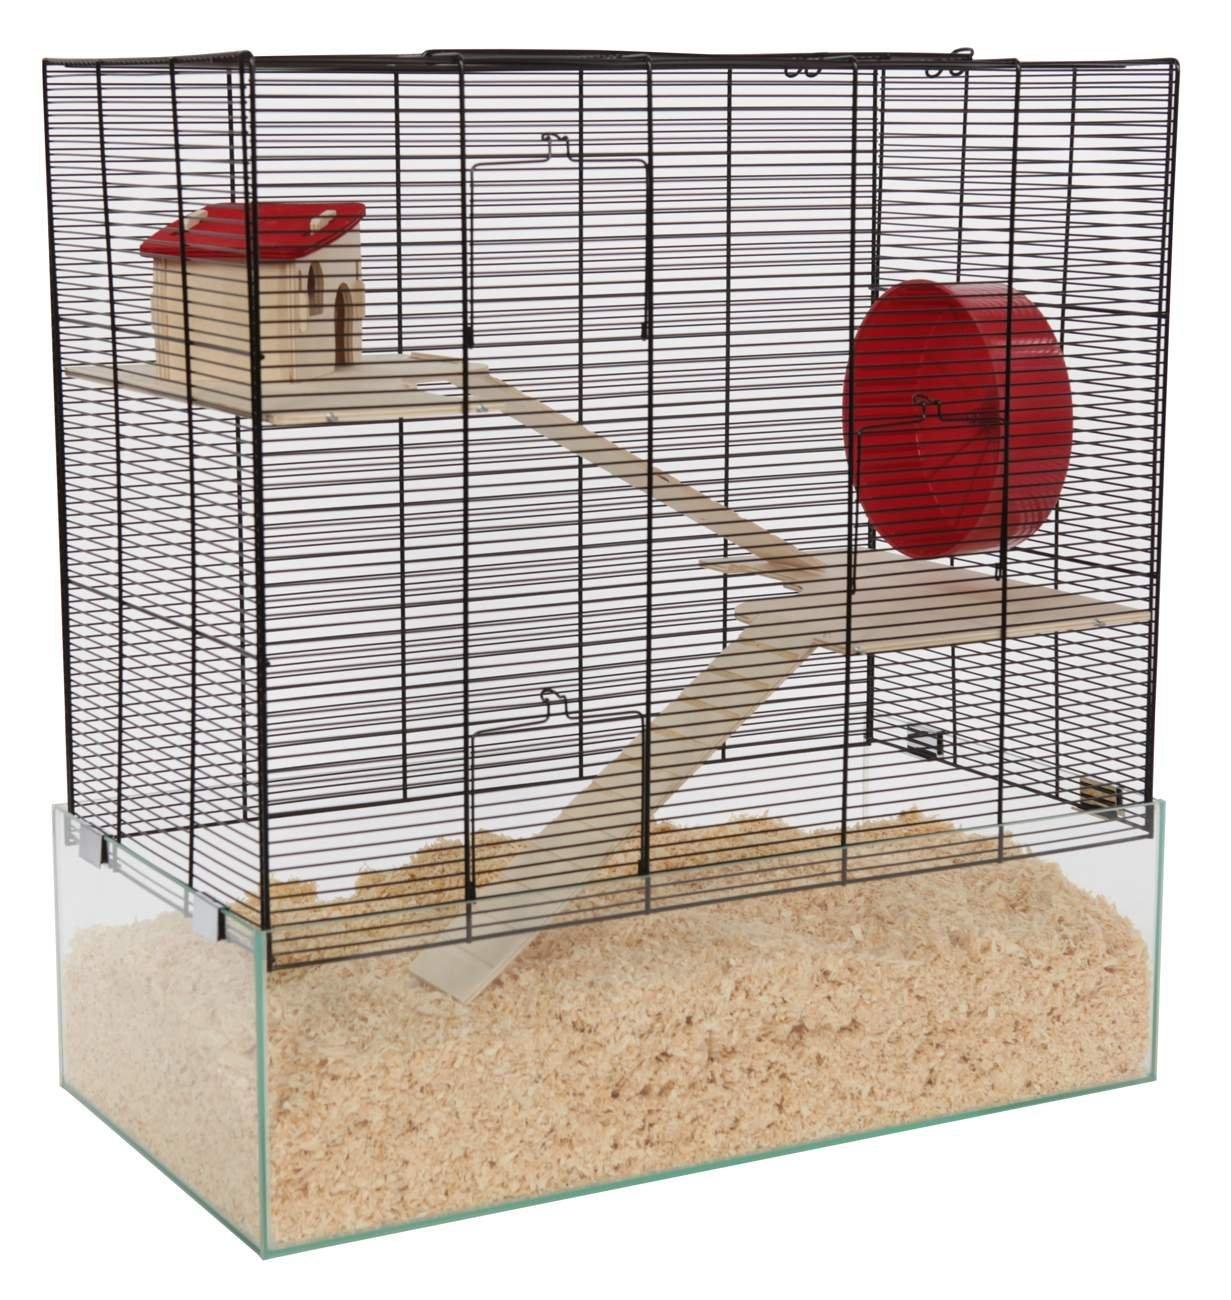 Hamsterkäfig halb Gitter halb Glas